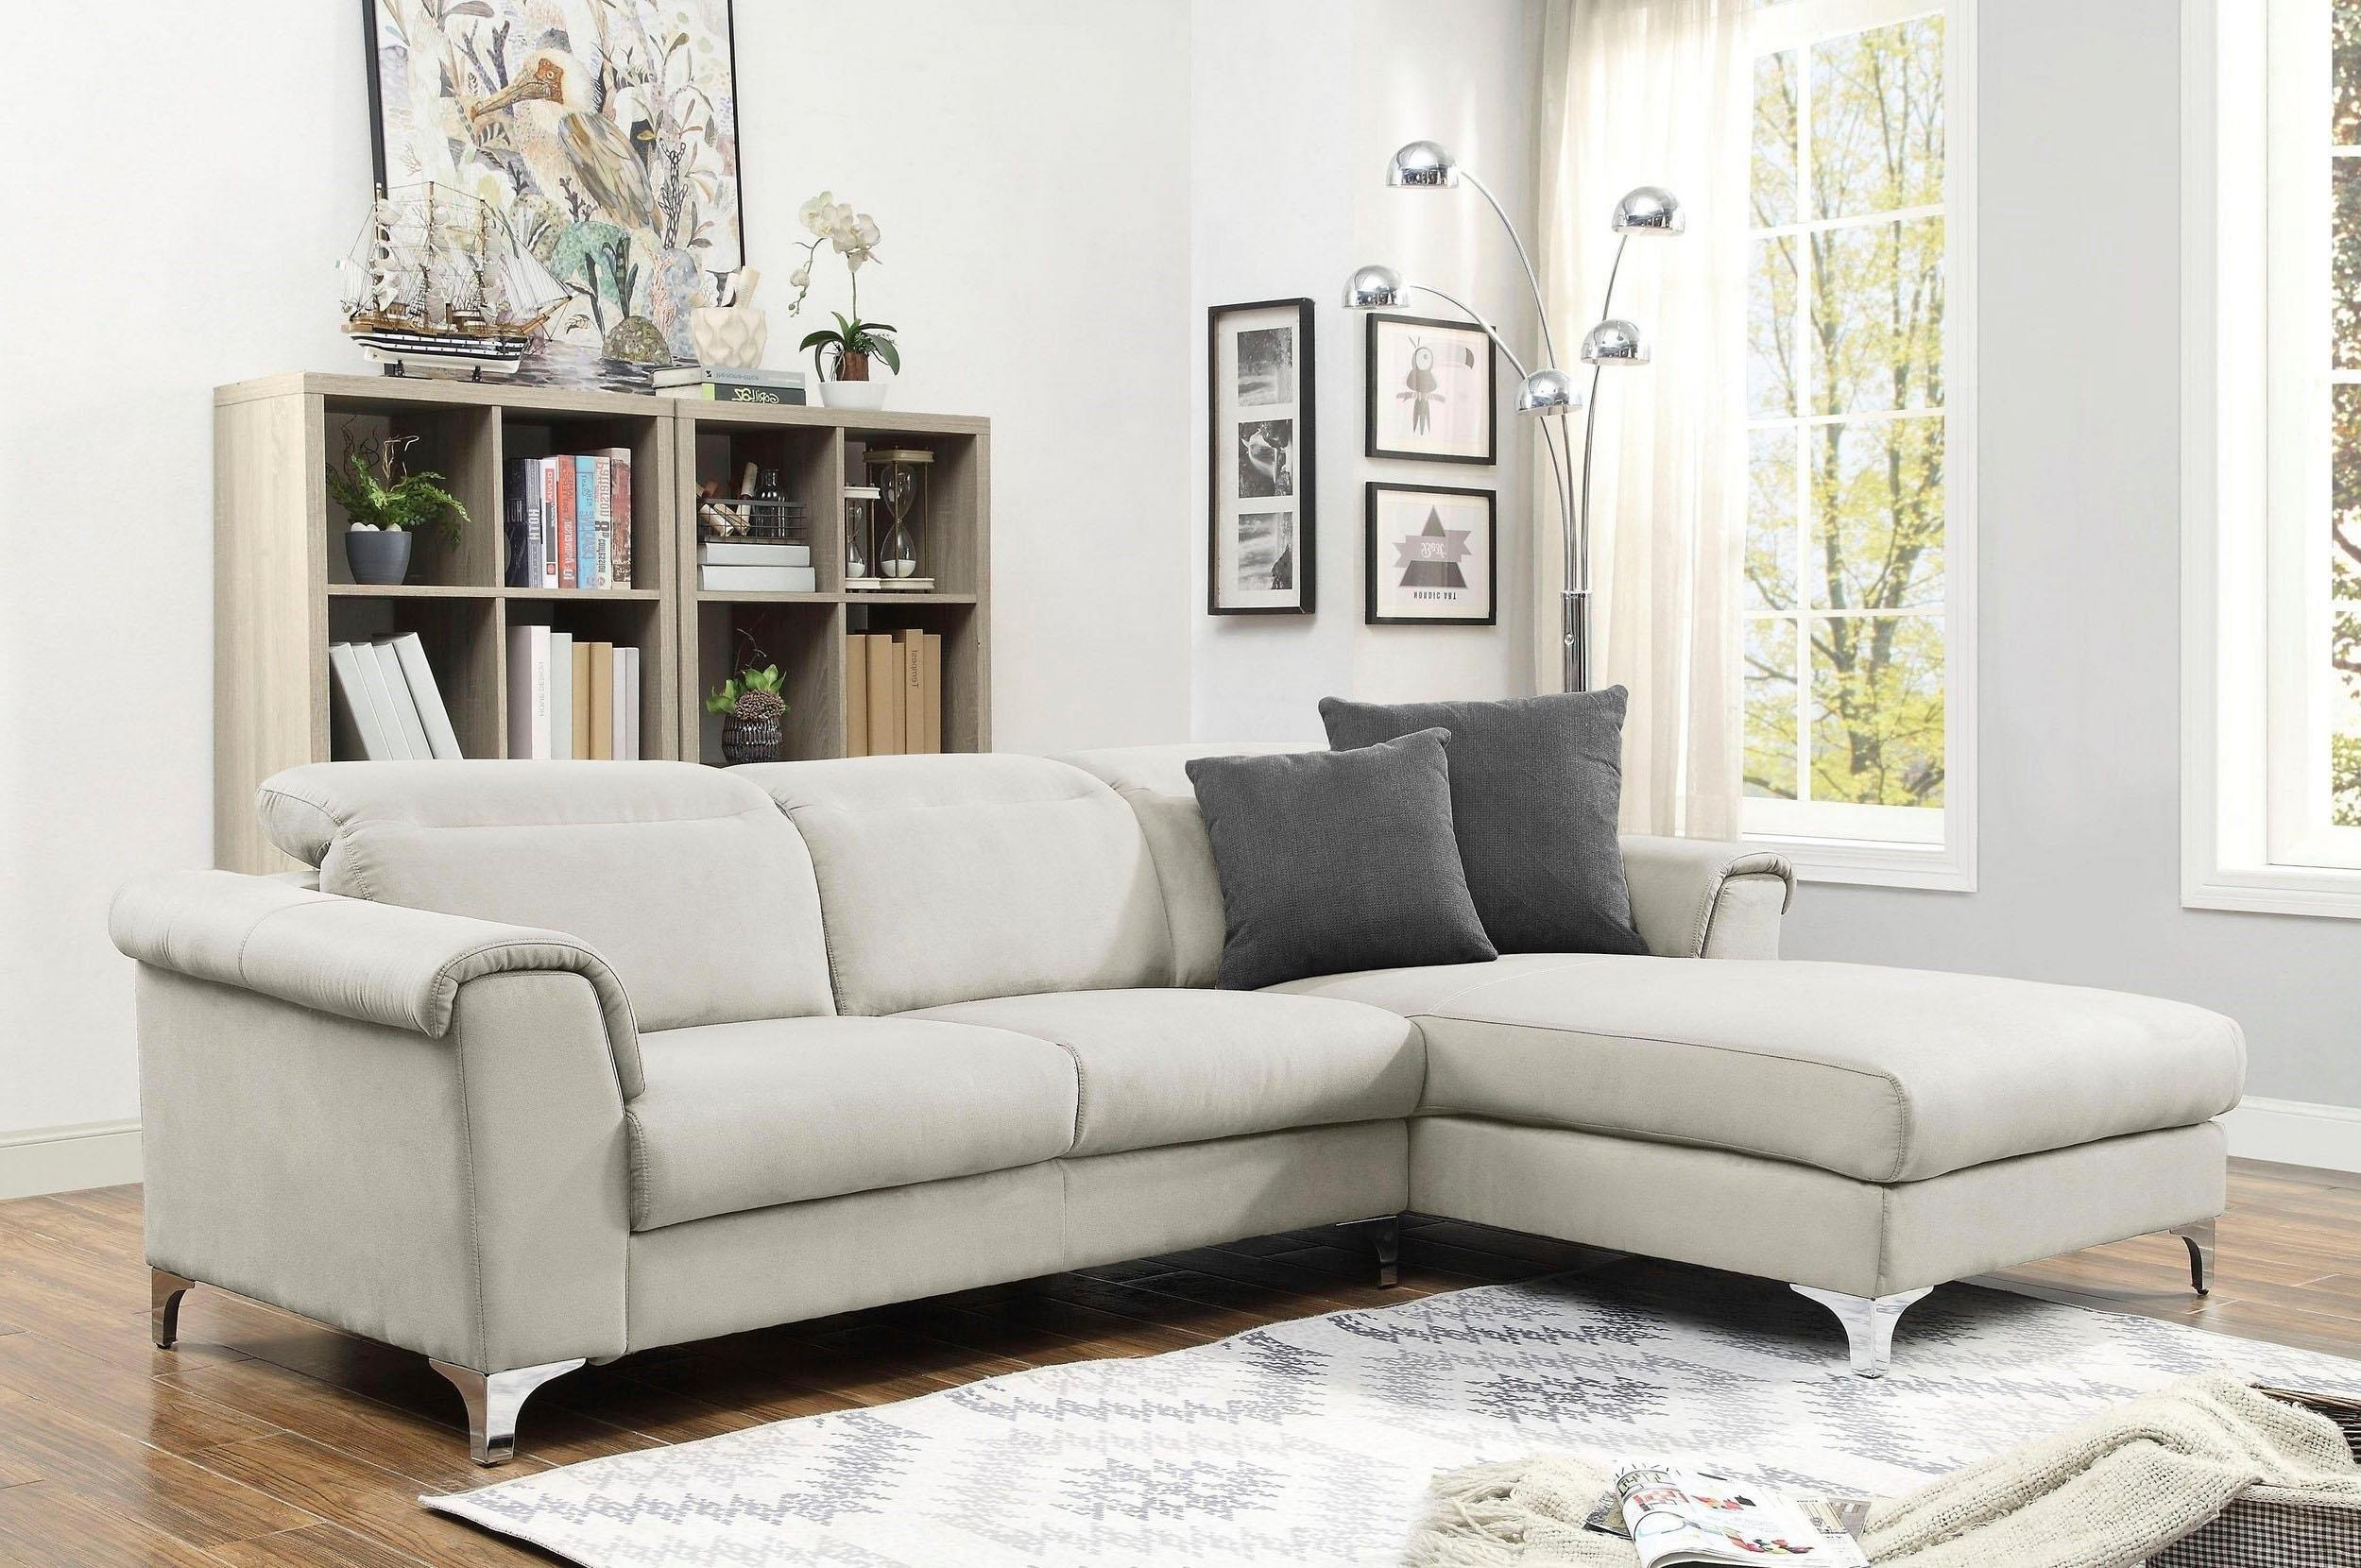 ATLANTIC home collection hoekbank met binnenvering goedkoop op otto.nl kopen